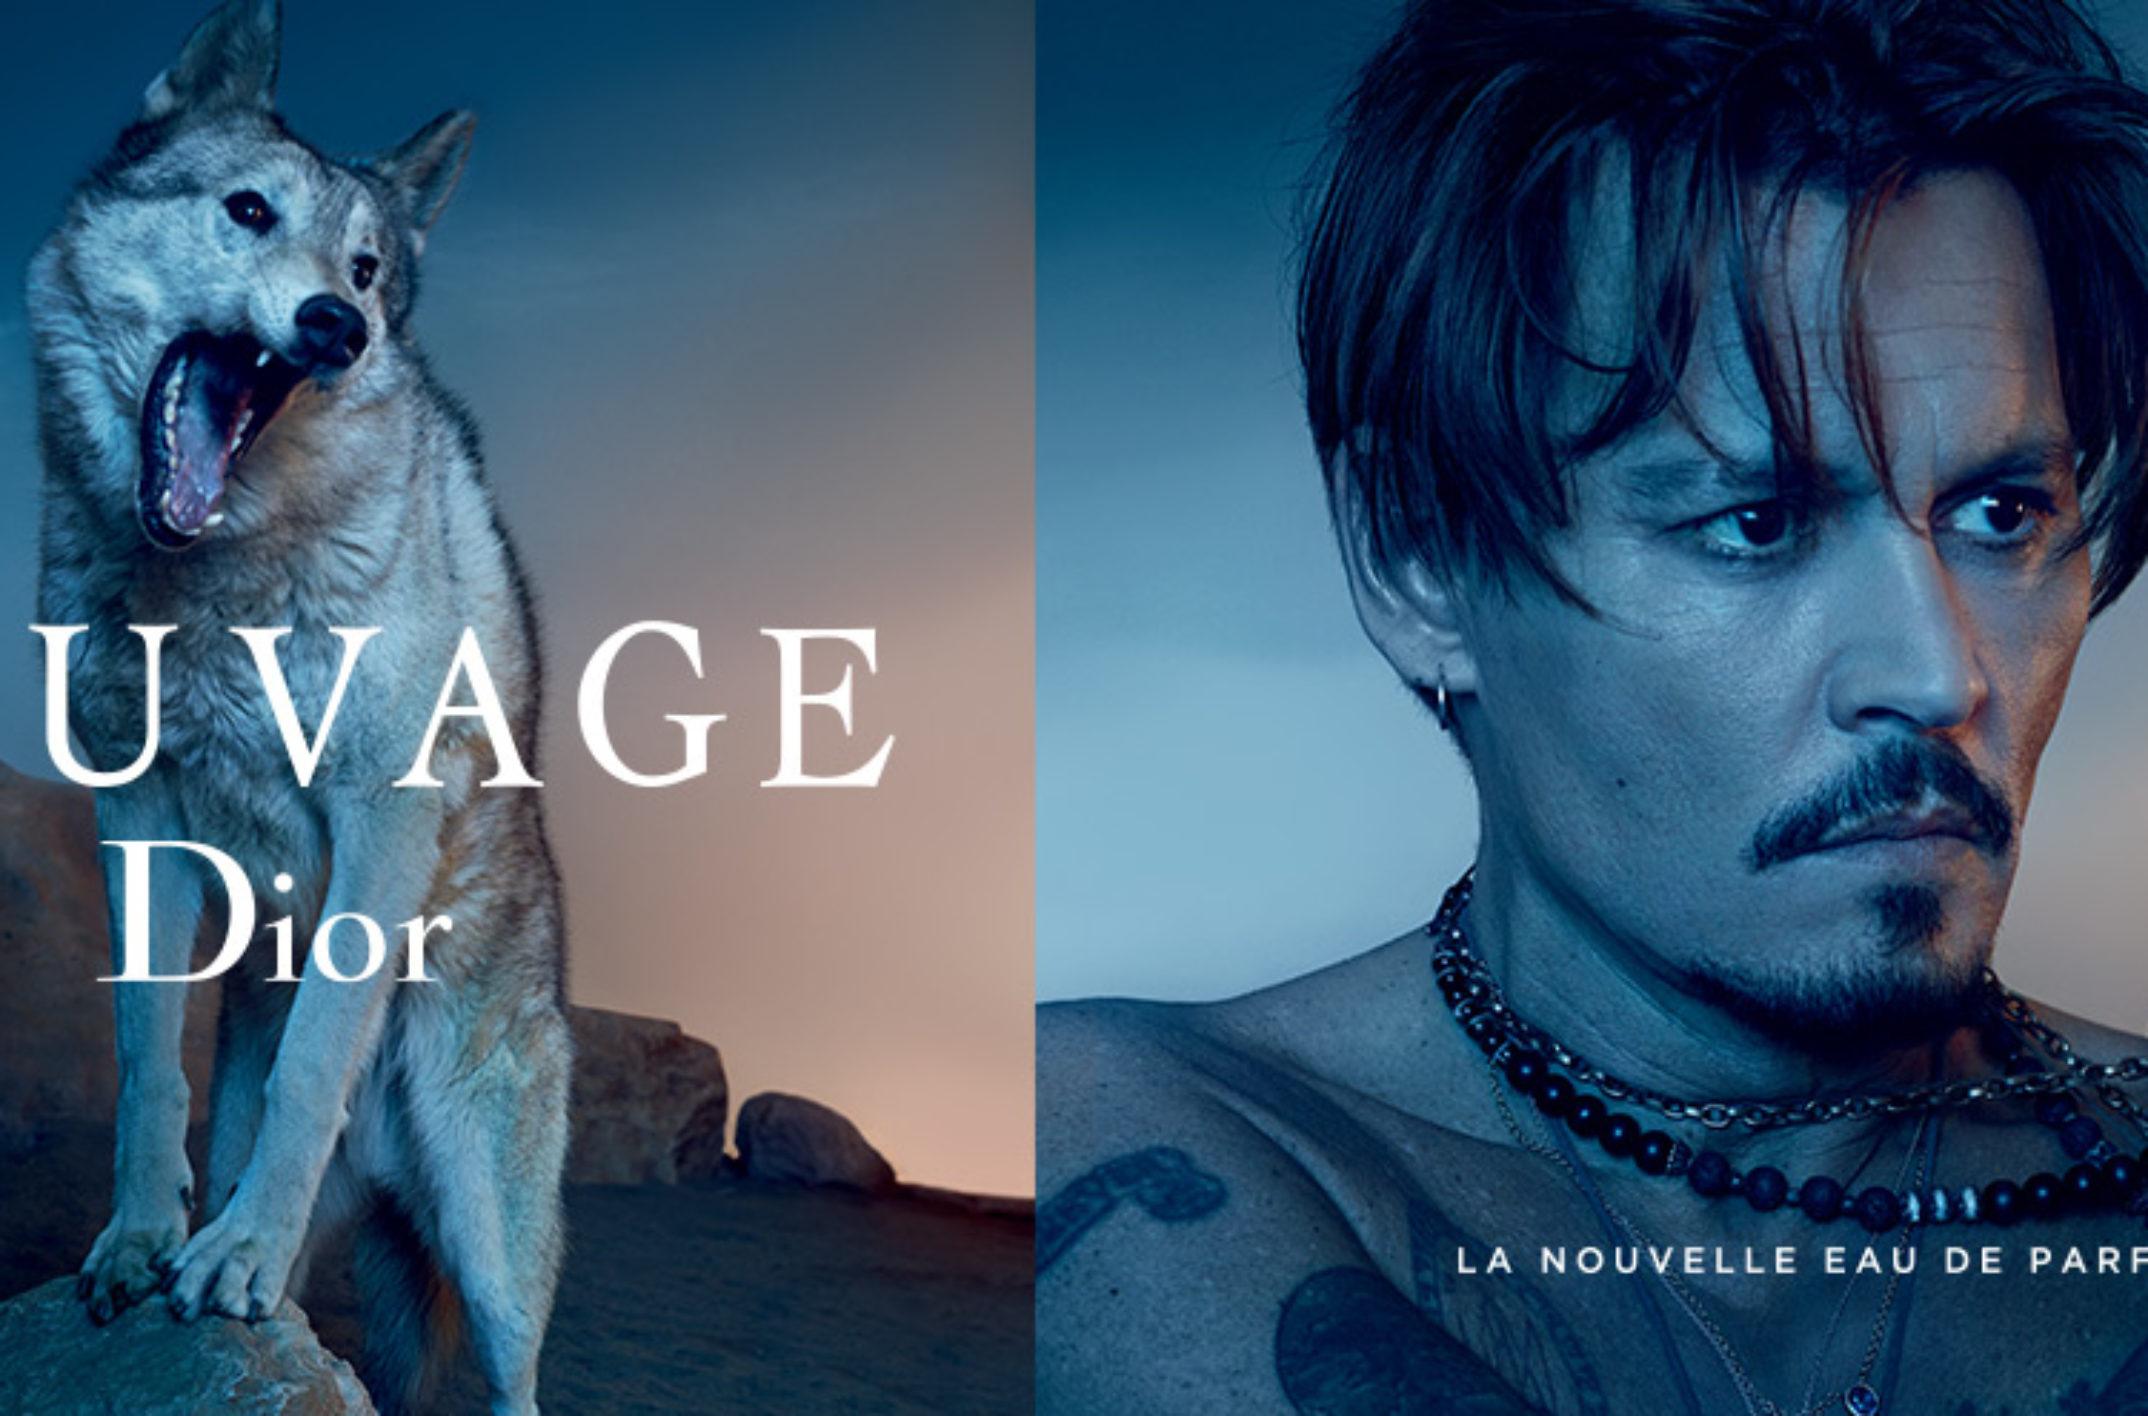 Un échantillon gratuit du parfum Sauvage de Dior à recevoir gratuitement